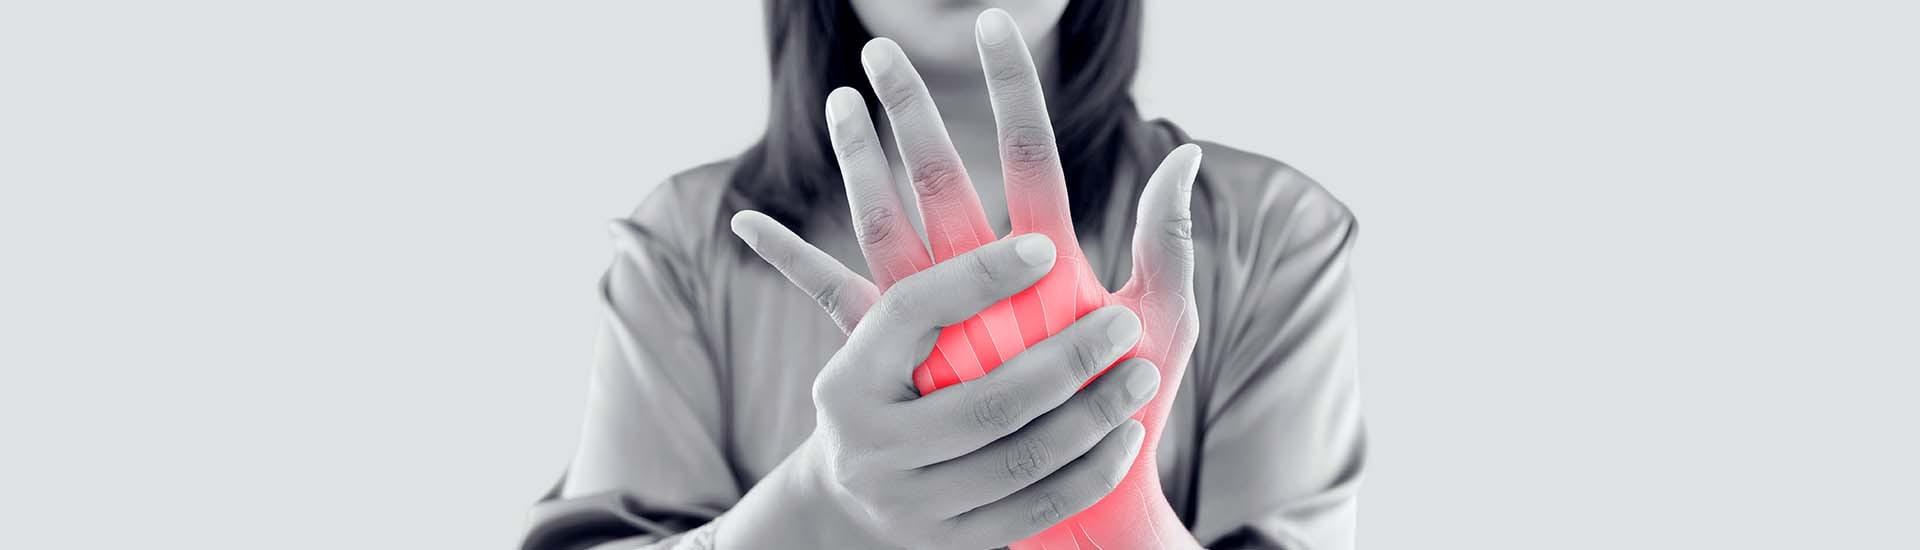 Spezialist für Handchirurgie finden | ATOS Kliniken